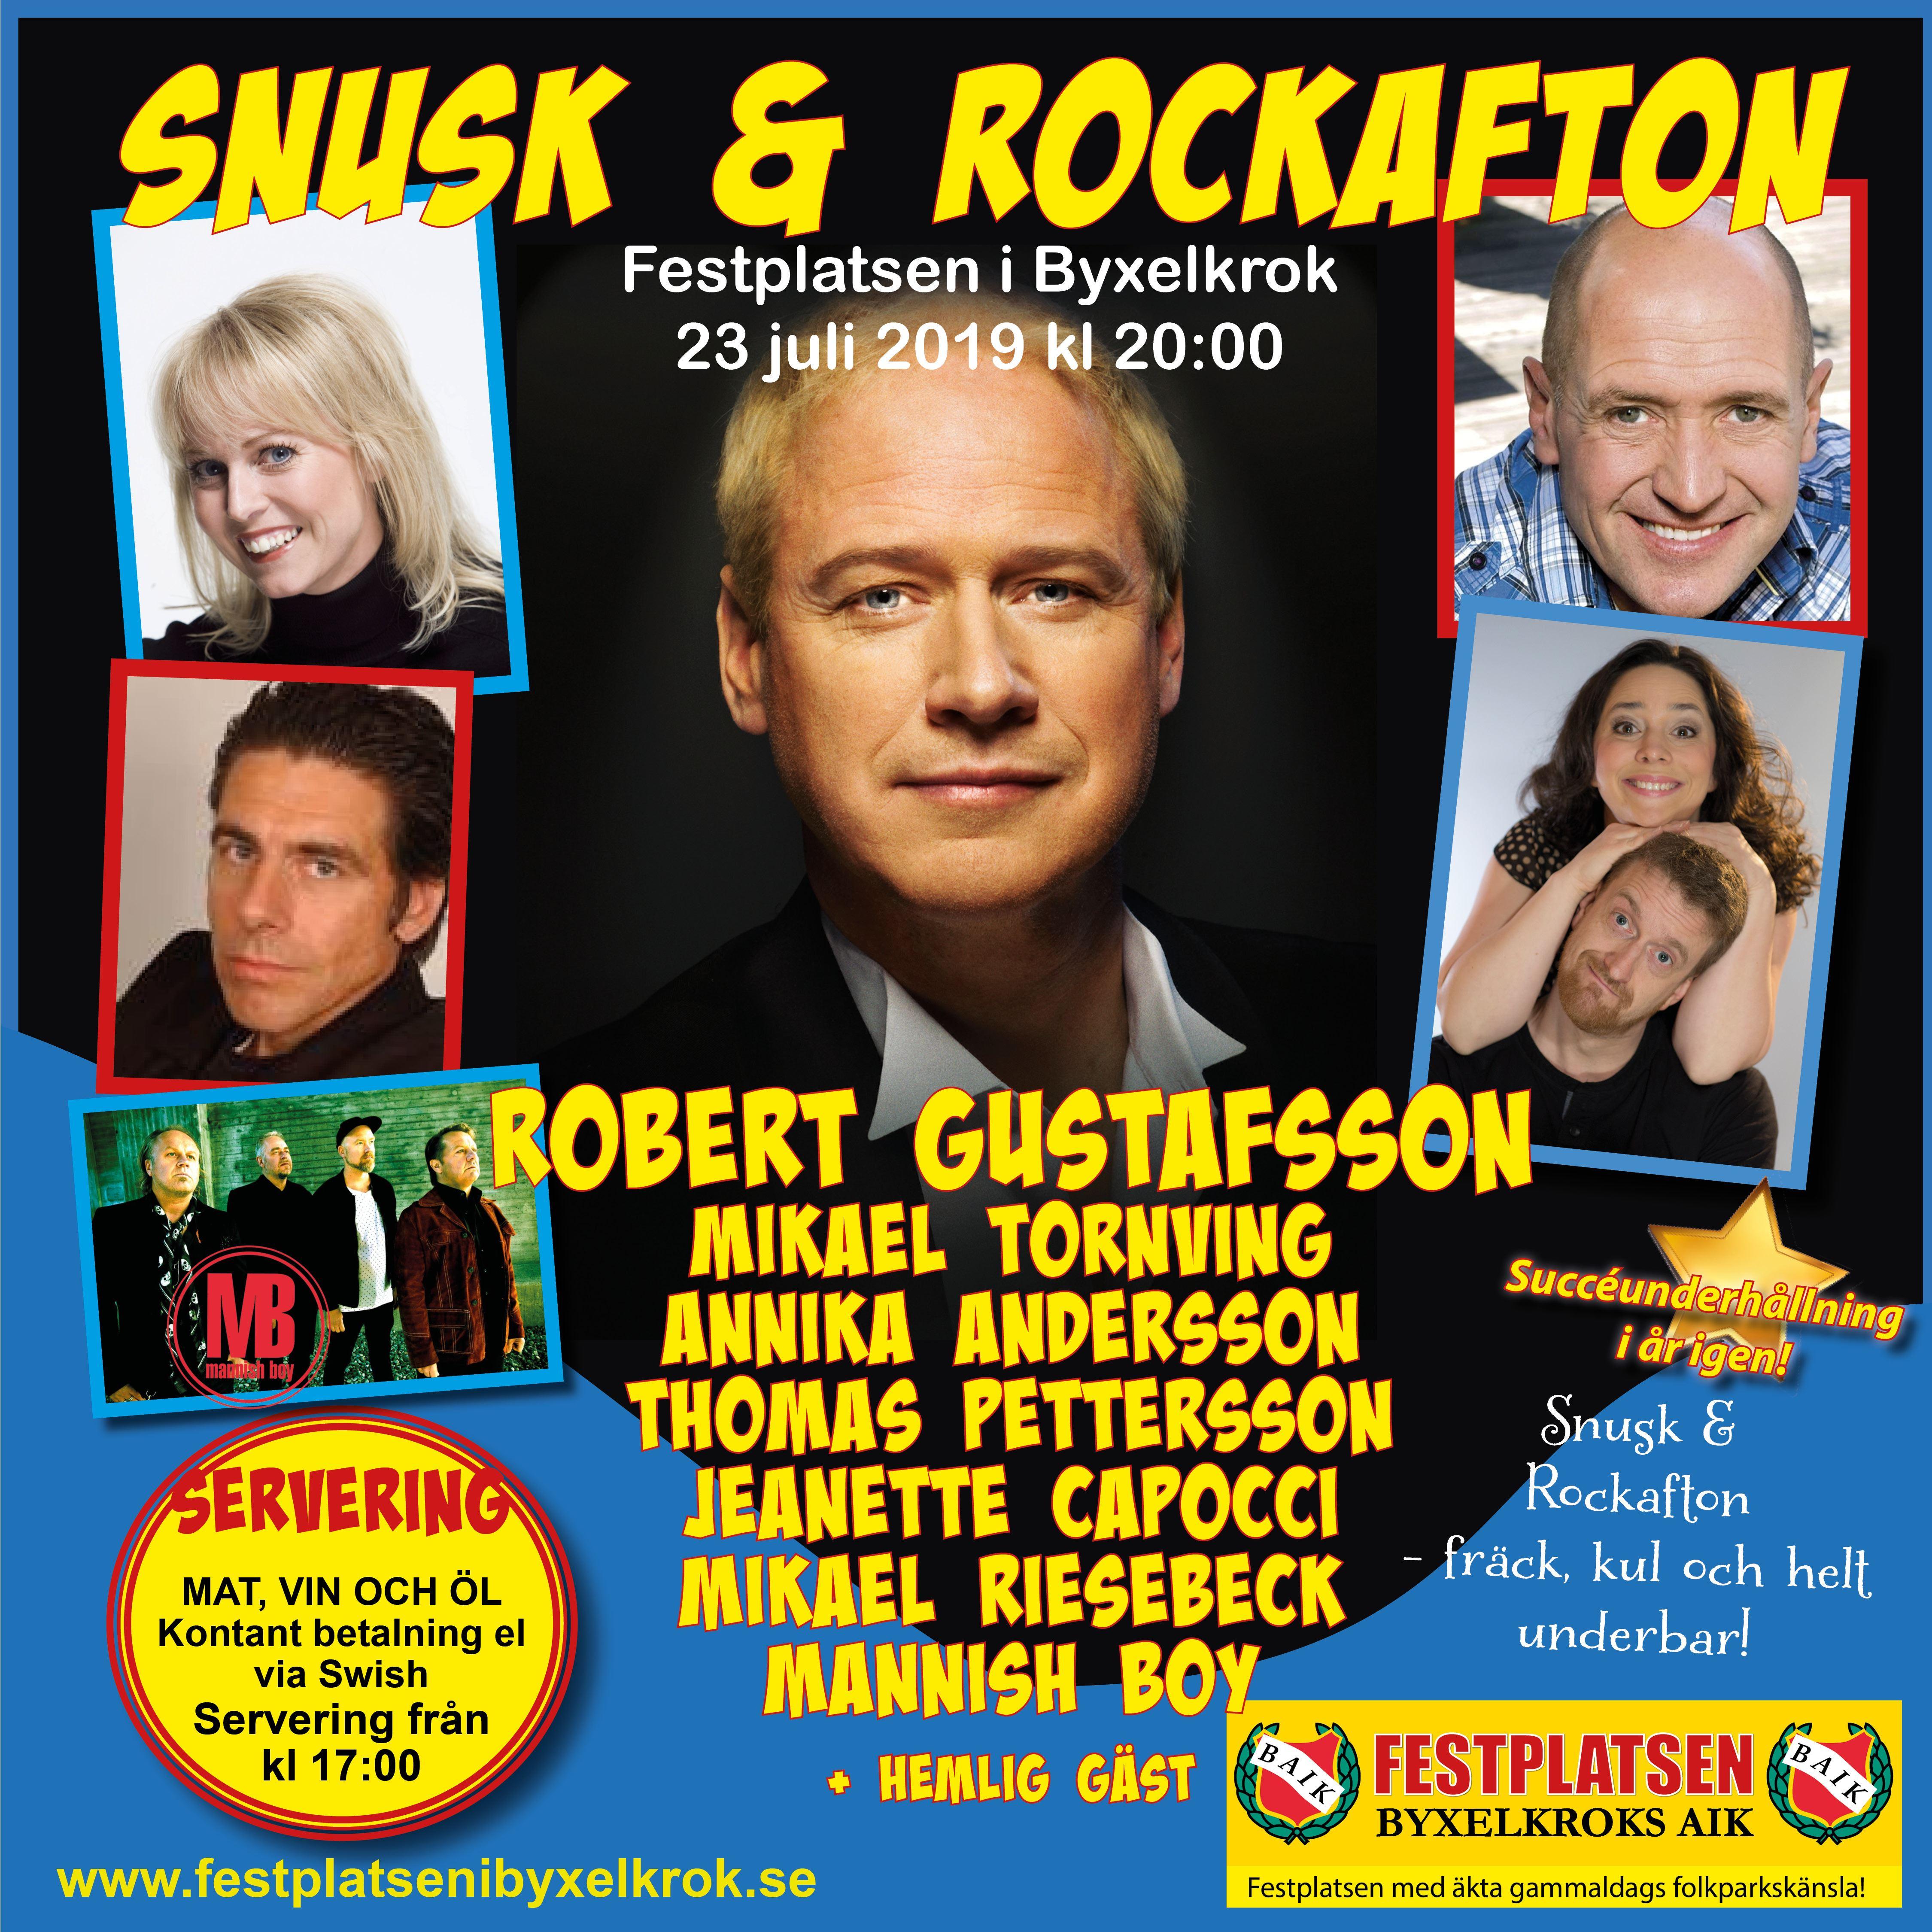 Snusk & Rockafton i Byxelkrok